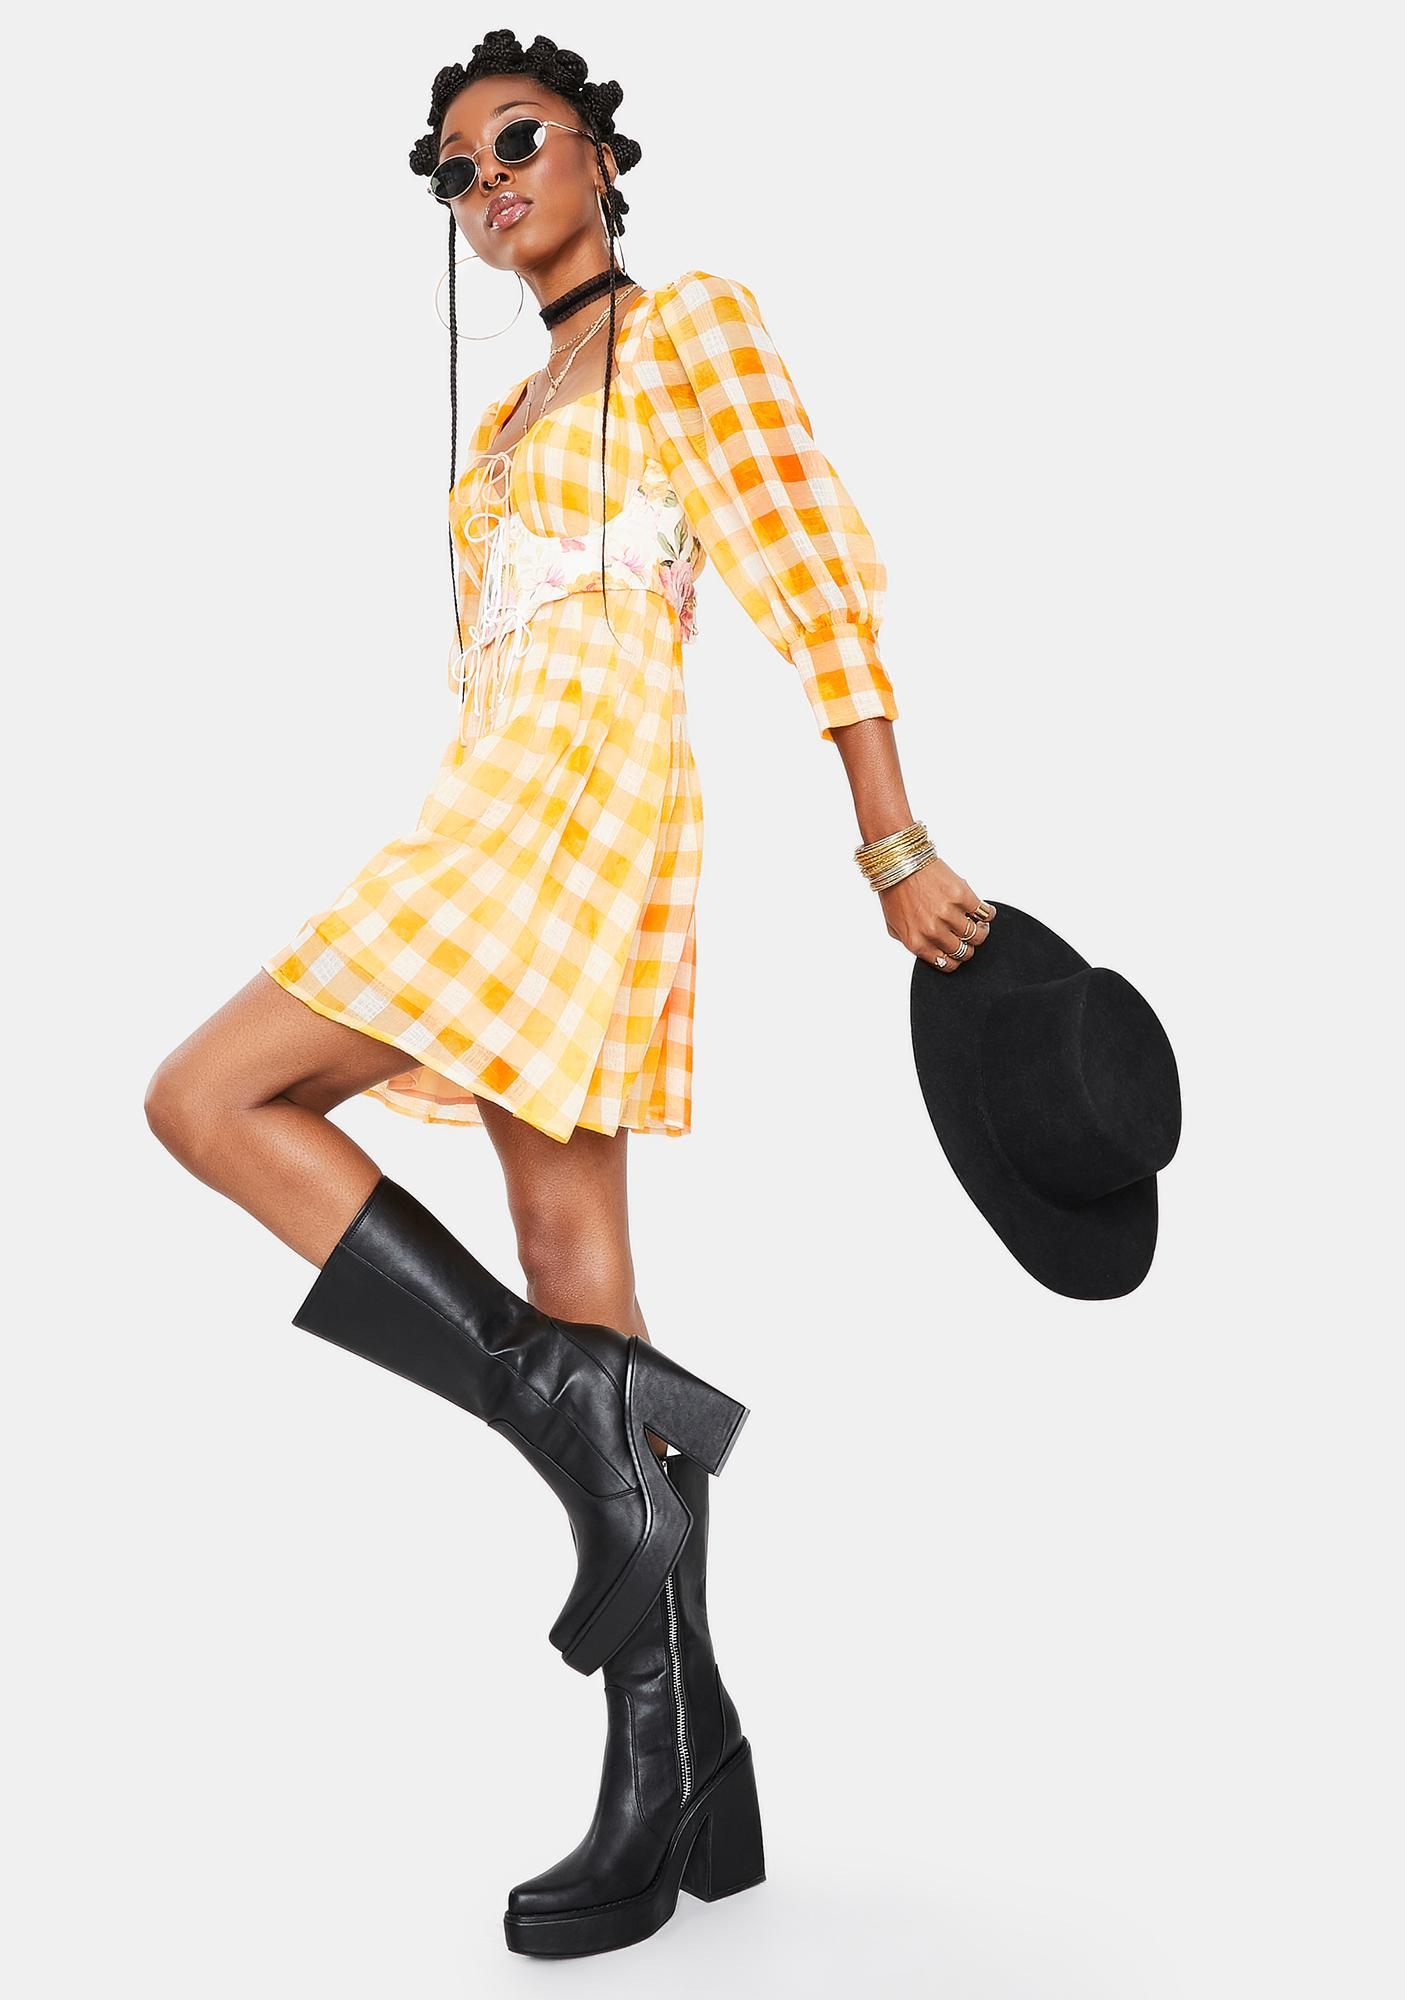 For Love & Lemons Mimosa Corset Dress